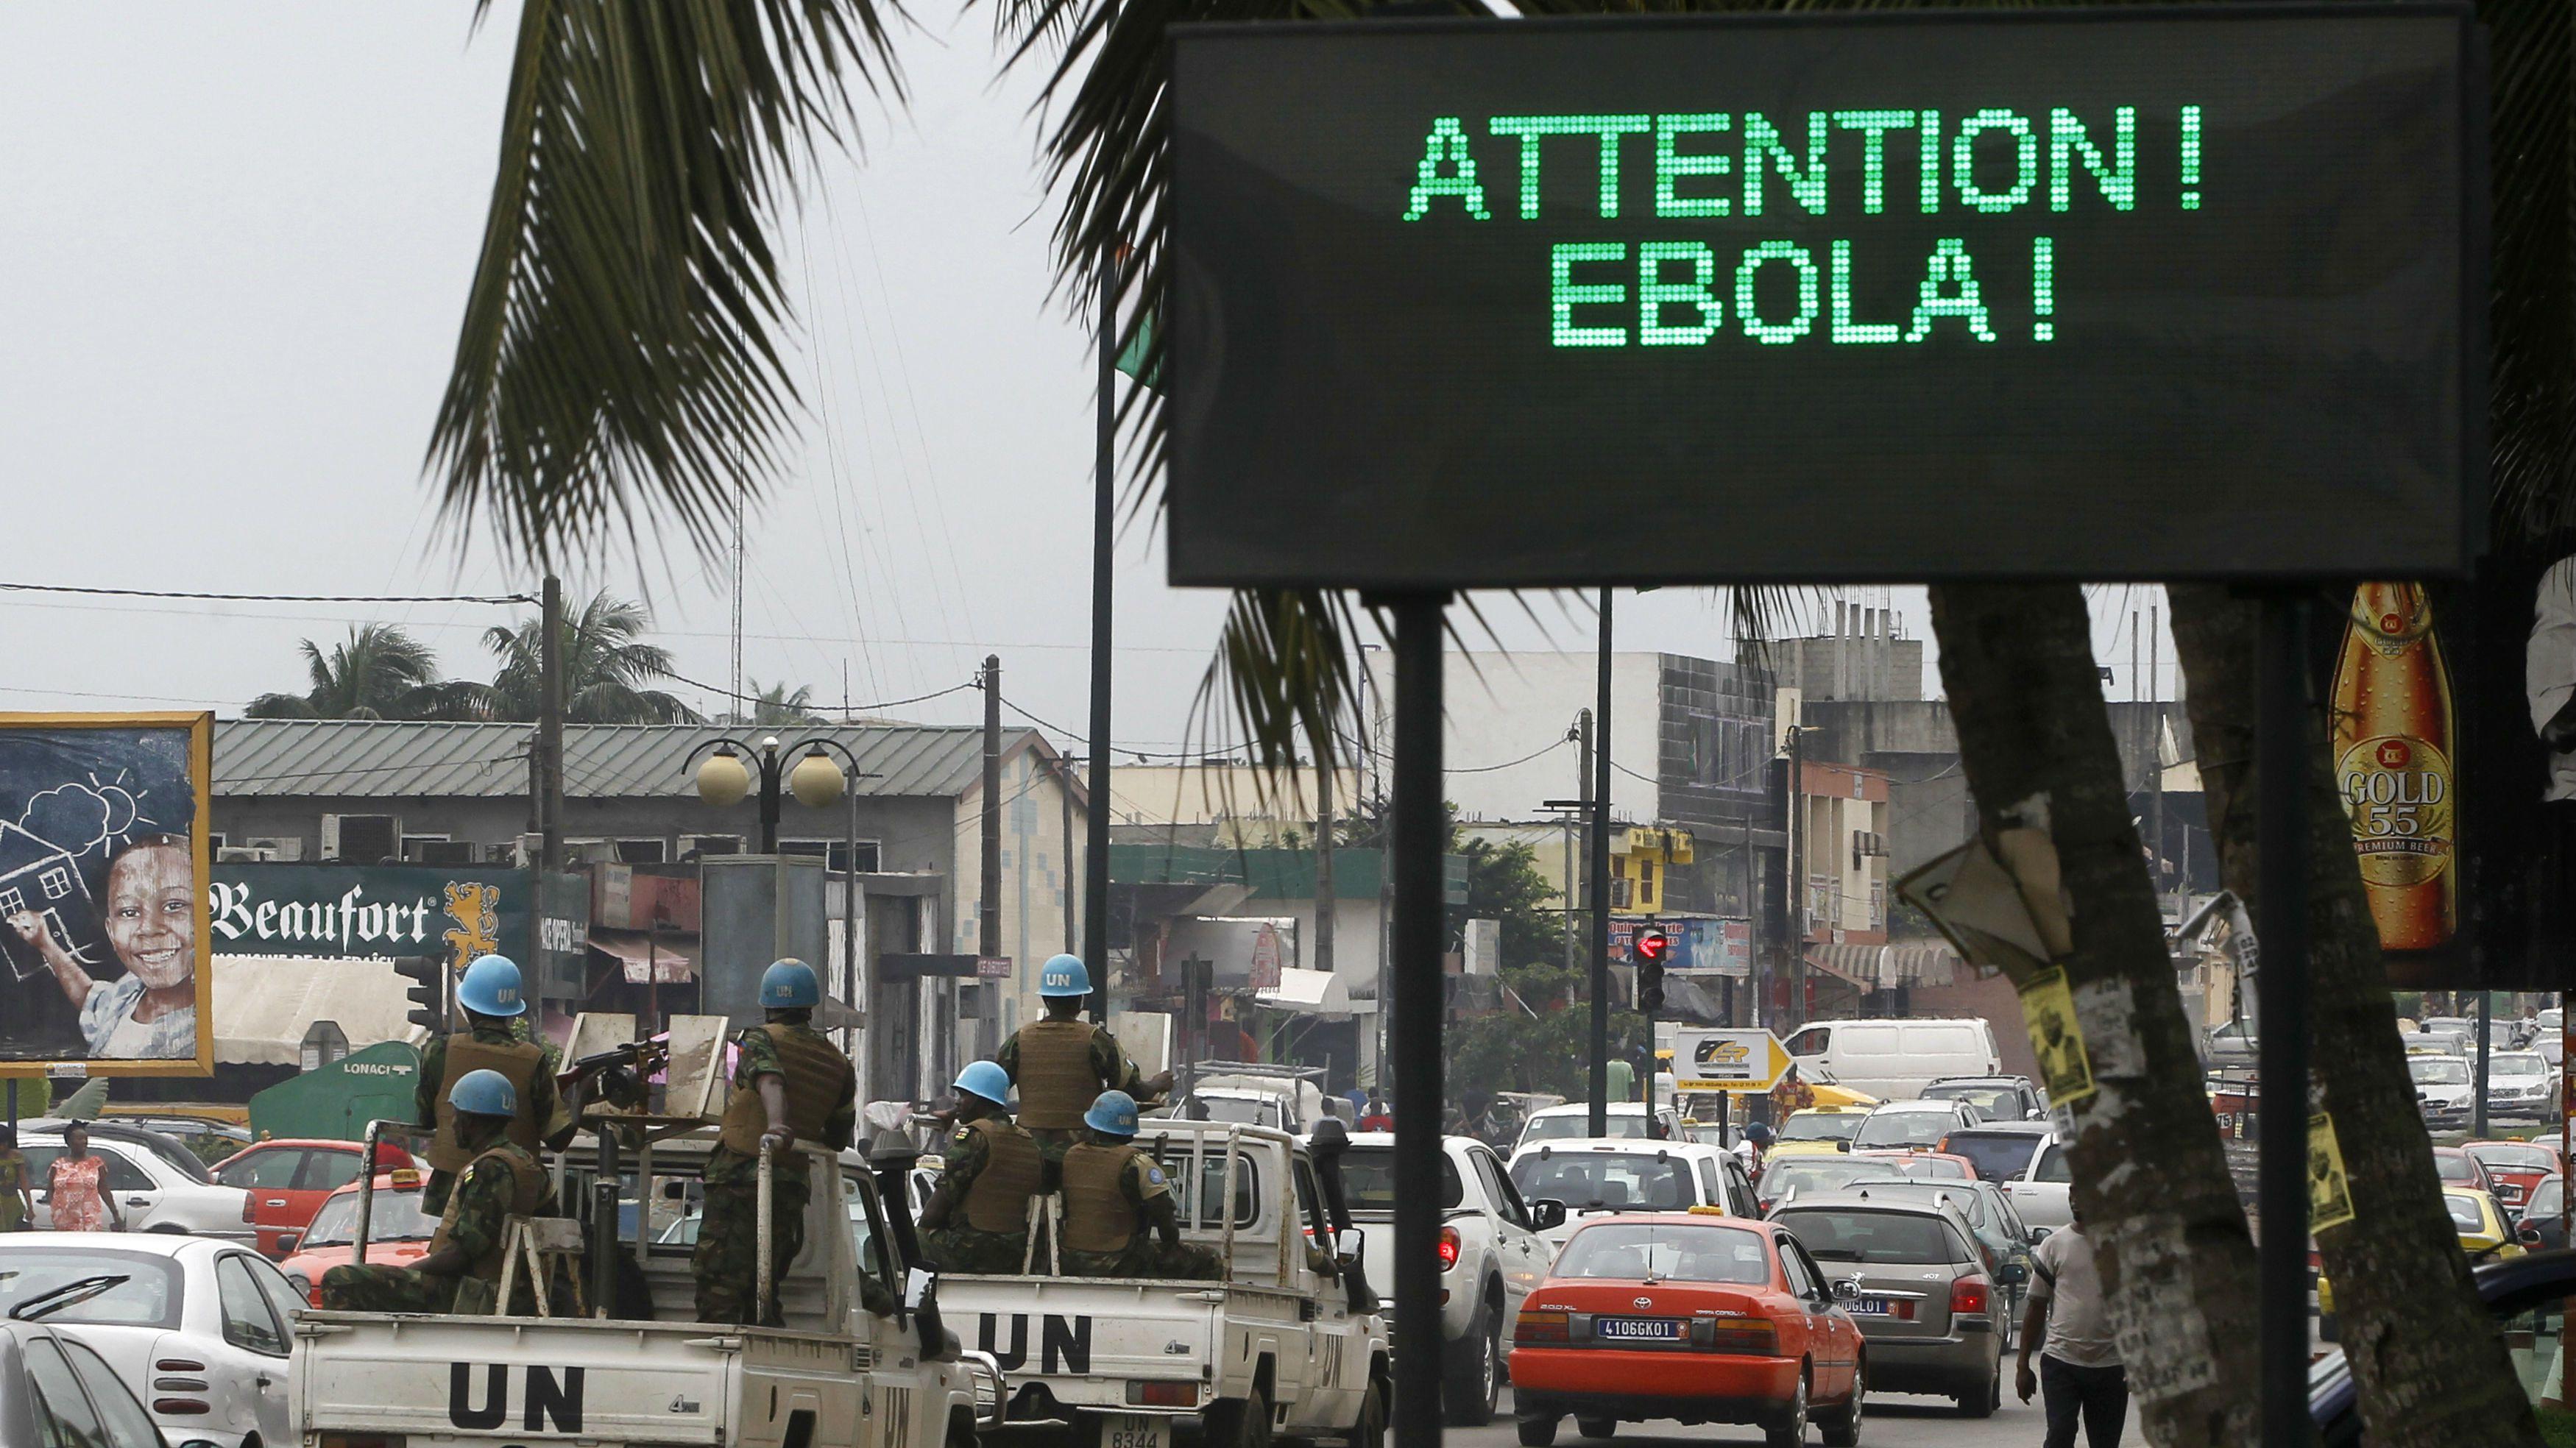 Signs warns of Ebola